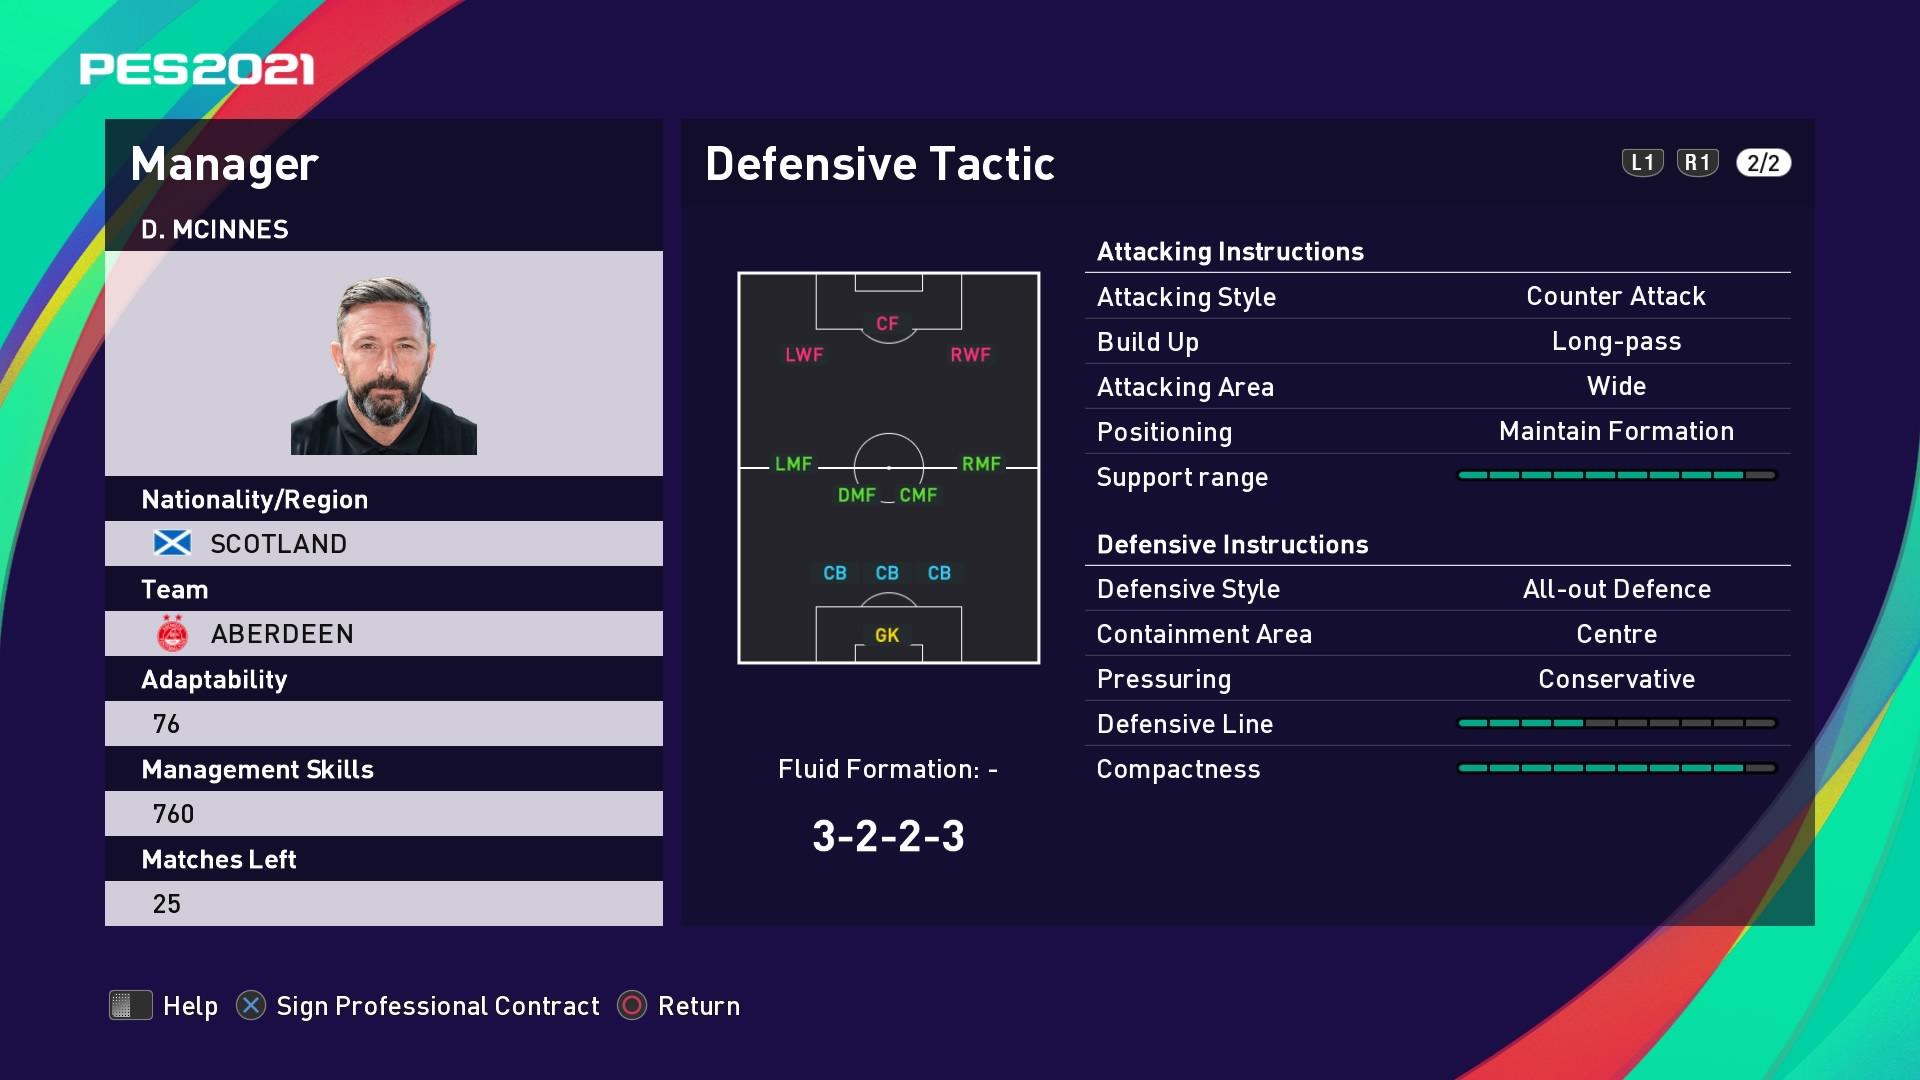 D. McInnes (Derek McInnes) Defensive Tactic in PES 2021 myClub